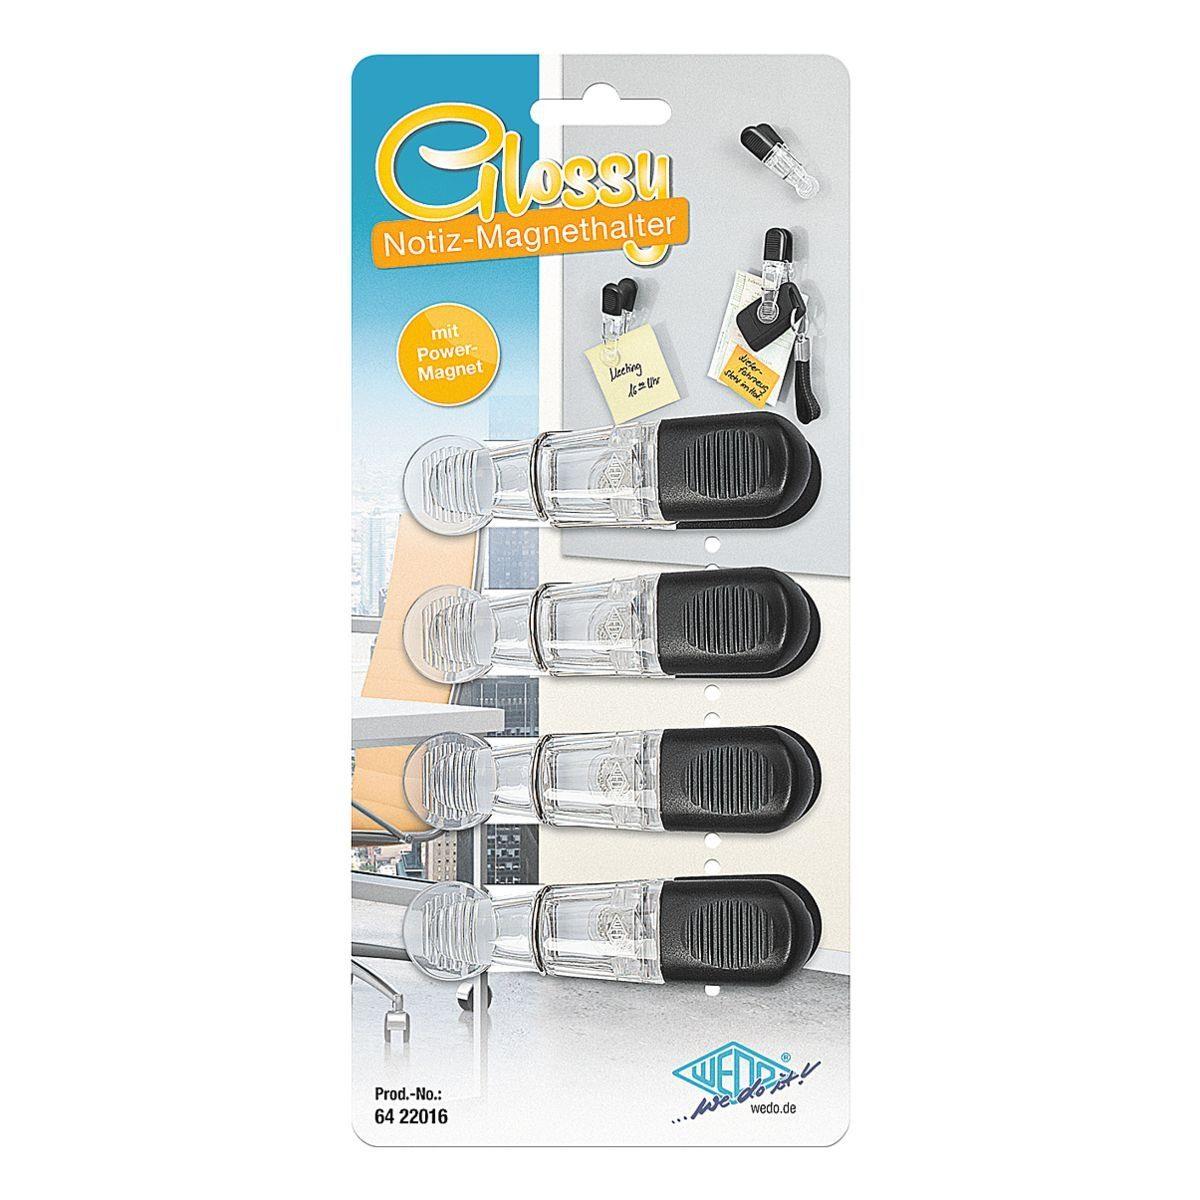 WEDO Notizmagnethalter-Set »Glossy«